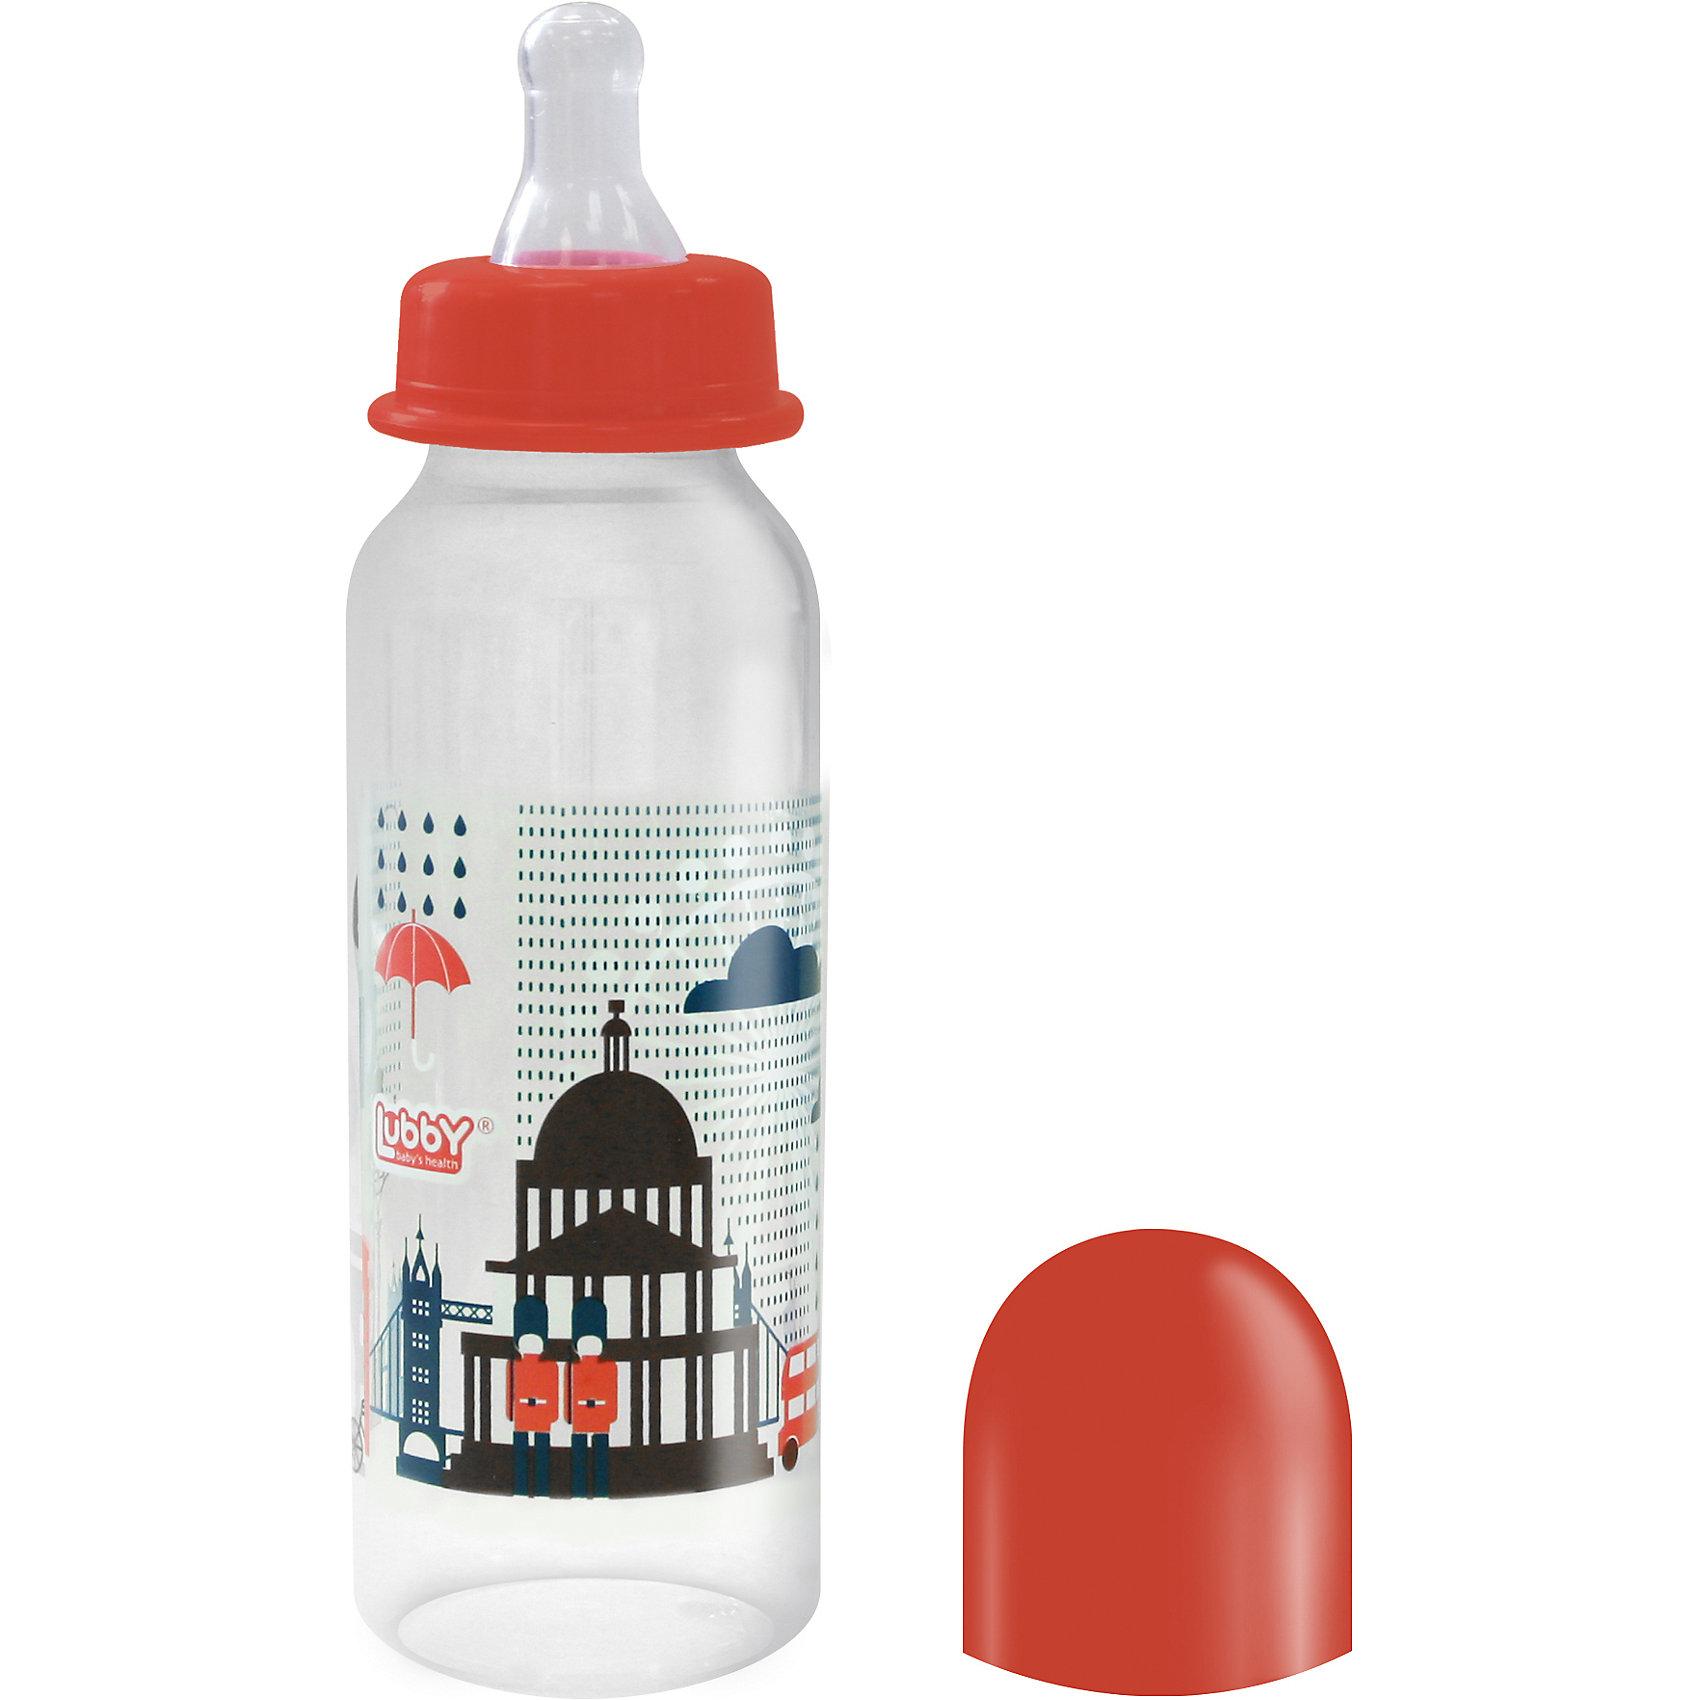 Бутылочка с соской Я люблю от 0 мес., 250 мл., LUBBY, красныйБутылочки и аксессуары<br>Бутылочка с соской Я люблю от 0 мес., 250 мл., LUBBY, красный.<br><br>Характеристики:<br><br>- Комплектация: бутылочка, соска, кольцо, колпачок, заглушка<br>- Объем: 250 мл.<br>- Размер соски: М (средний поток)<br>- Цвет: красный<br>- Материал: бутылочка, кольцо, заглушка, колпачок – полипропилен; соска – силикон<br>- Не содержит Бисфенол-А<br>- Размер упаковки: 55х55х190 мм.<br>- Вес: 56 гр.<br>- Срок службы: бутылочки - 1год, соски - 45 дней<br><br>Удобная бутылочка Я люблю с мягкой силиконовой соской предназначена для комфортного искусственного или смешанного вскармливания малышей. Бутылочка изготовлена из полипропилена, в составе которого отсутствуют вредные вещества. Соска размера М (средний поток) изготовлена из силикона - прочного гипоаллергенного материала, который не вступает в химическую реакцию со слюной, хорошо стерилизуется, не теряет форму и не впитывает запахи. Закупоривающийся диск легко вставляется в завинчивающееся кольцо, что позволяет бутылочке оставаться герметичной даже во время сильной встряски. Изделие с широким горлышком легко моется и заполняется. Стильный дизайн бутылочки с изображением Лондона понравится мамам и малышам.<br><br>Бутылочку с соской Я люблю от 0 мес., 250 мл., LUBBY, красную можно купить в нашем интернет-магазине.<br><br>Ширина мм: 55<br>Глубина мм: 55<br>Высота мм: 190<br>Вес г: 350<br>Возраст от месяцев: 0<br>Возраст до месяцев: 18<br>Пол: Унисекс<br>Возраст: Детский<br>SKU: 5039268